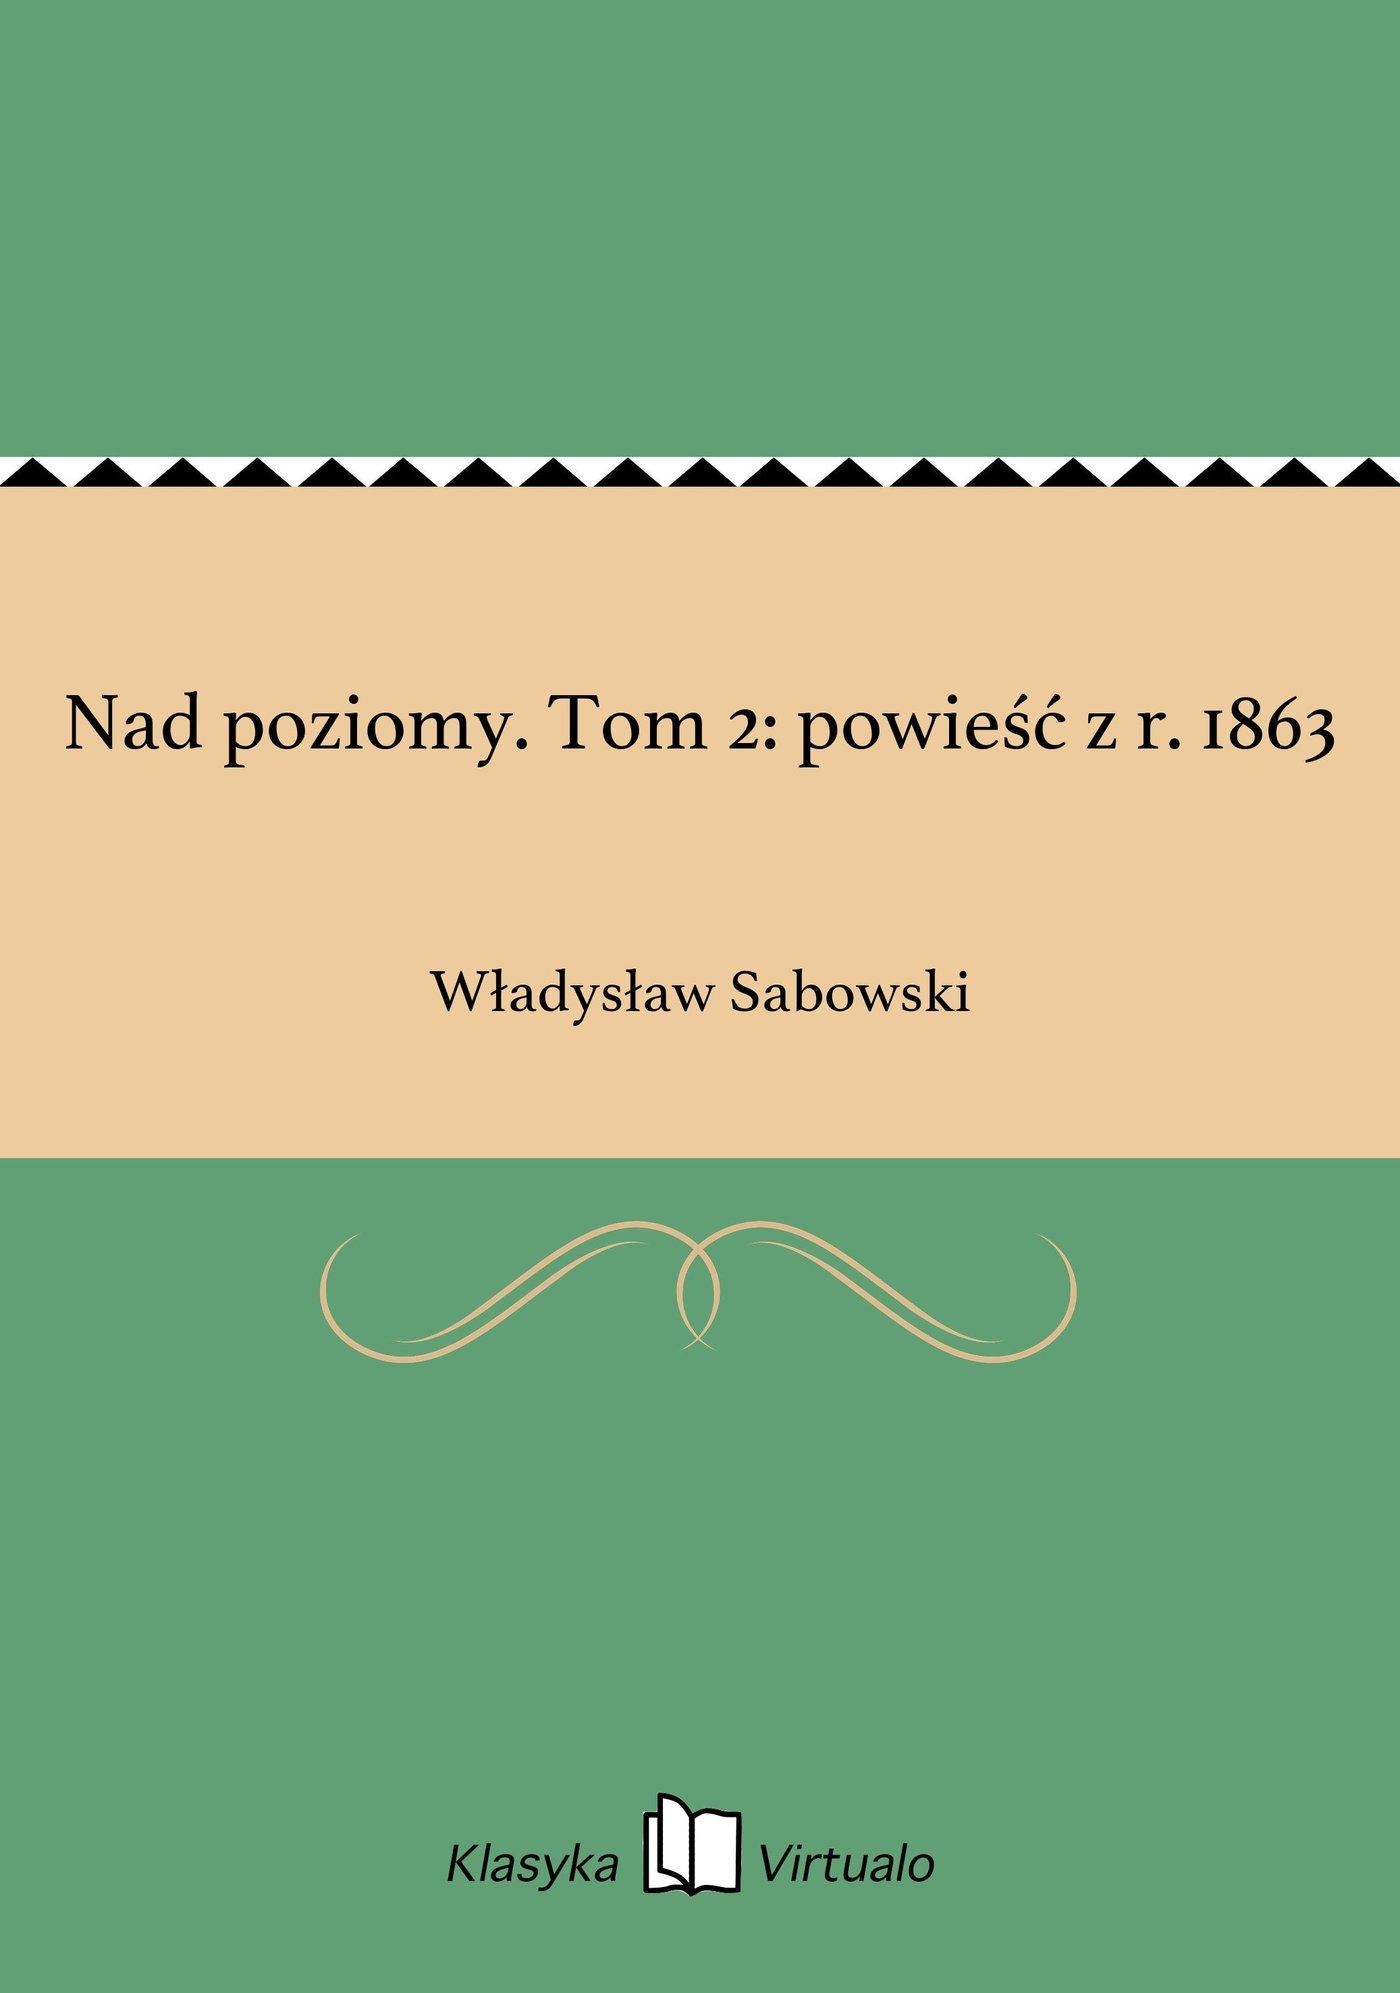 Nad poziomy. Tom 2: powieść z r. 1863 - Ebook (Książka EPUB) do pobrania w formacie EPUB